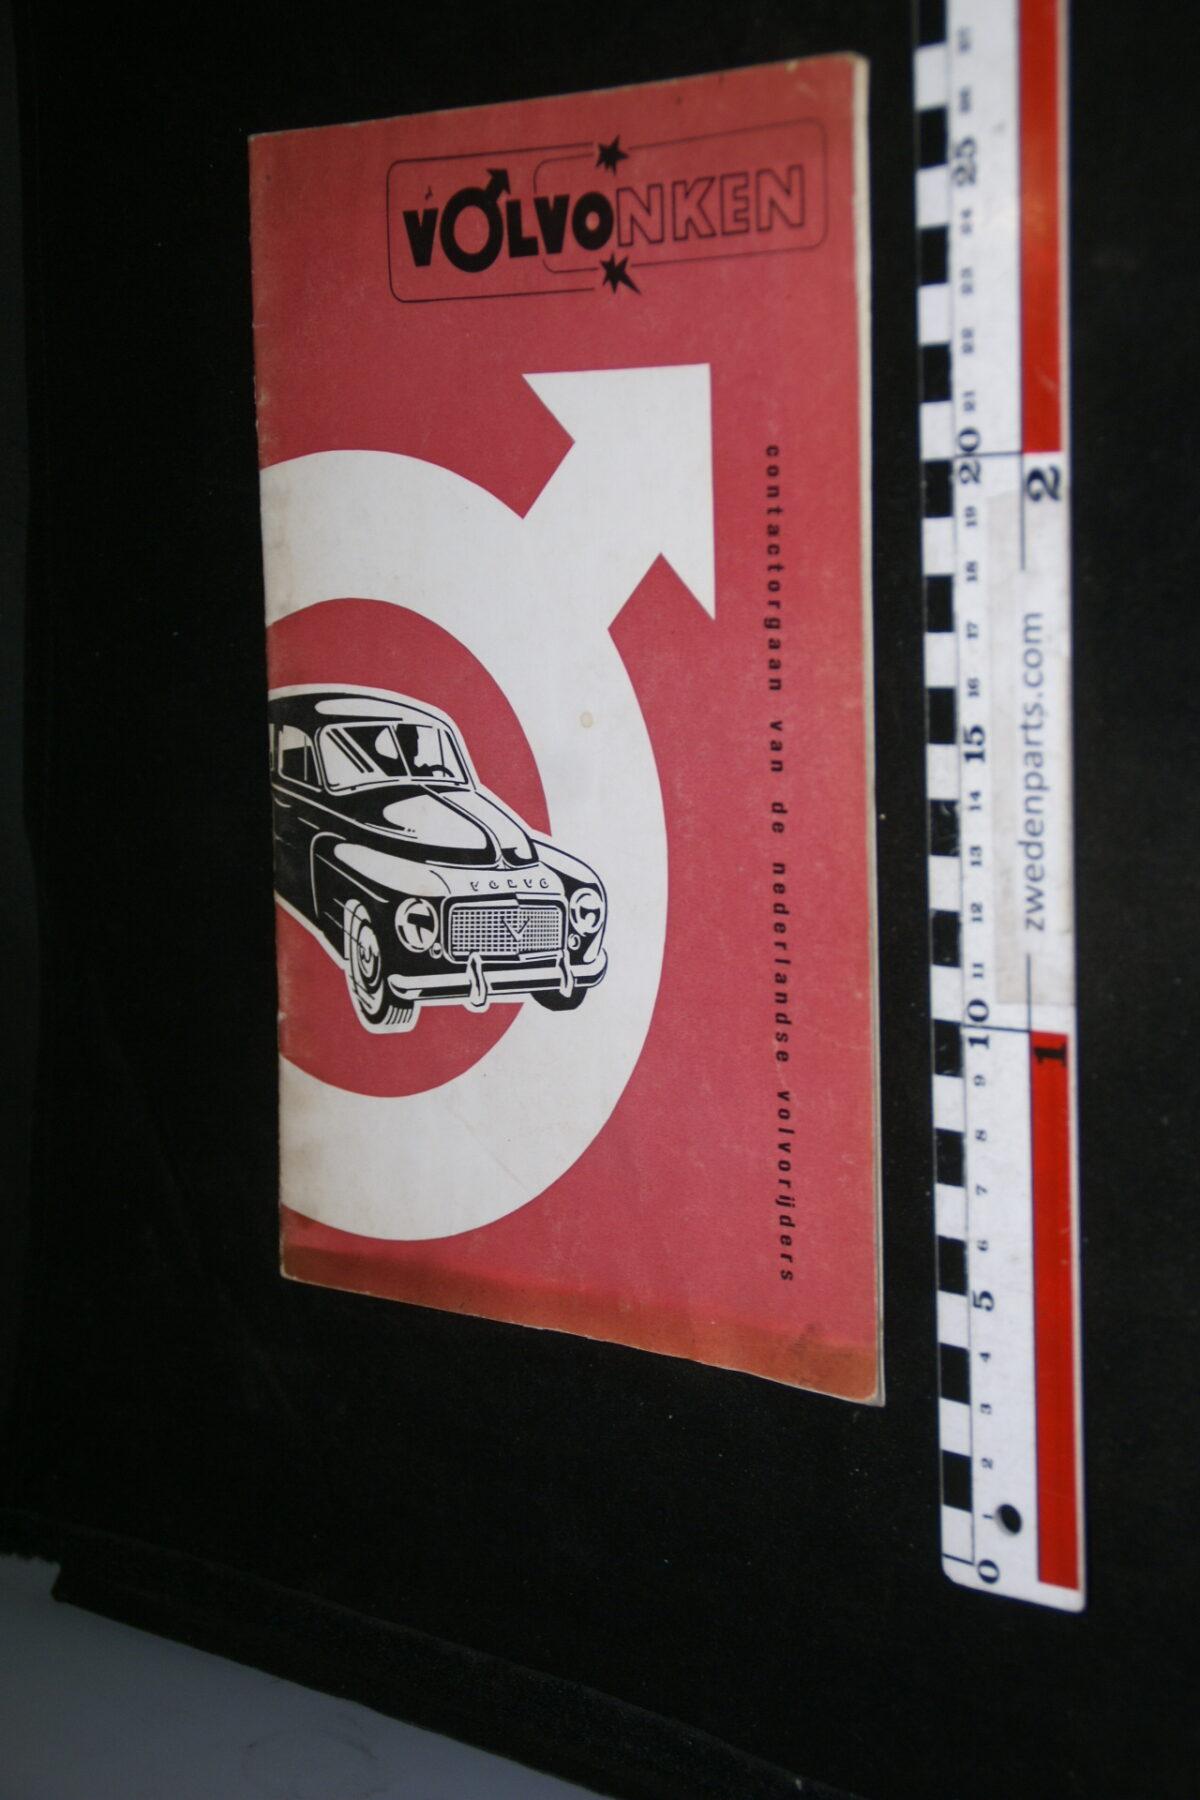 DSC00291 50-er jaren tijdschrift Volvoclub VOLVONKEN-953c5b4b